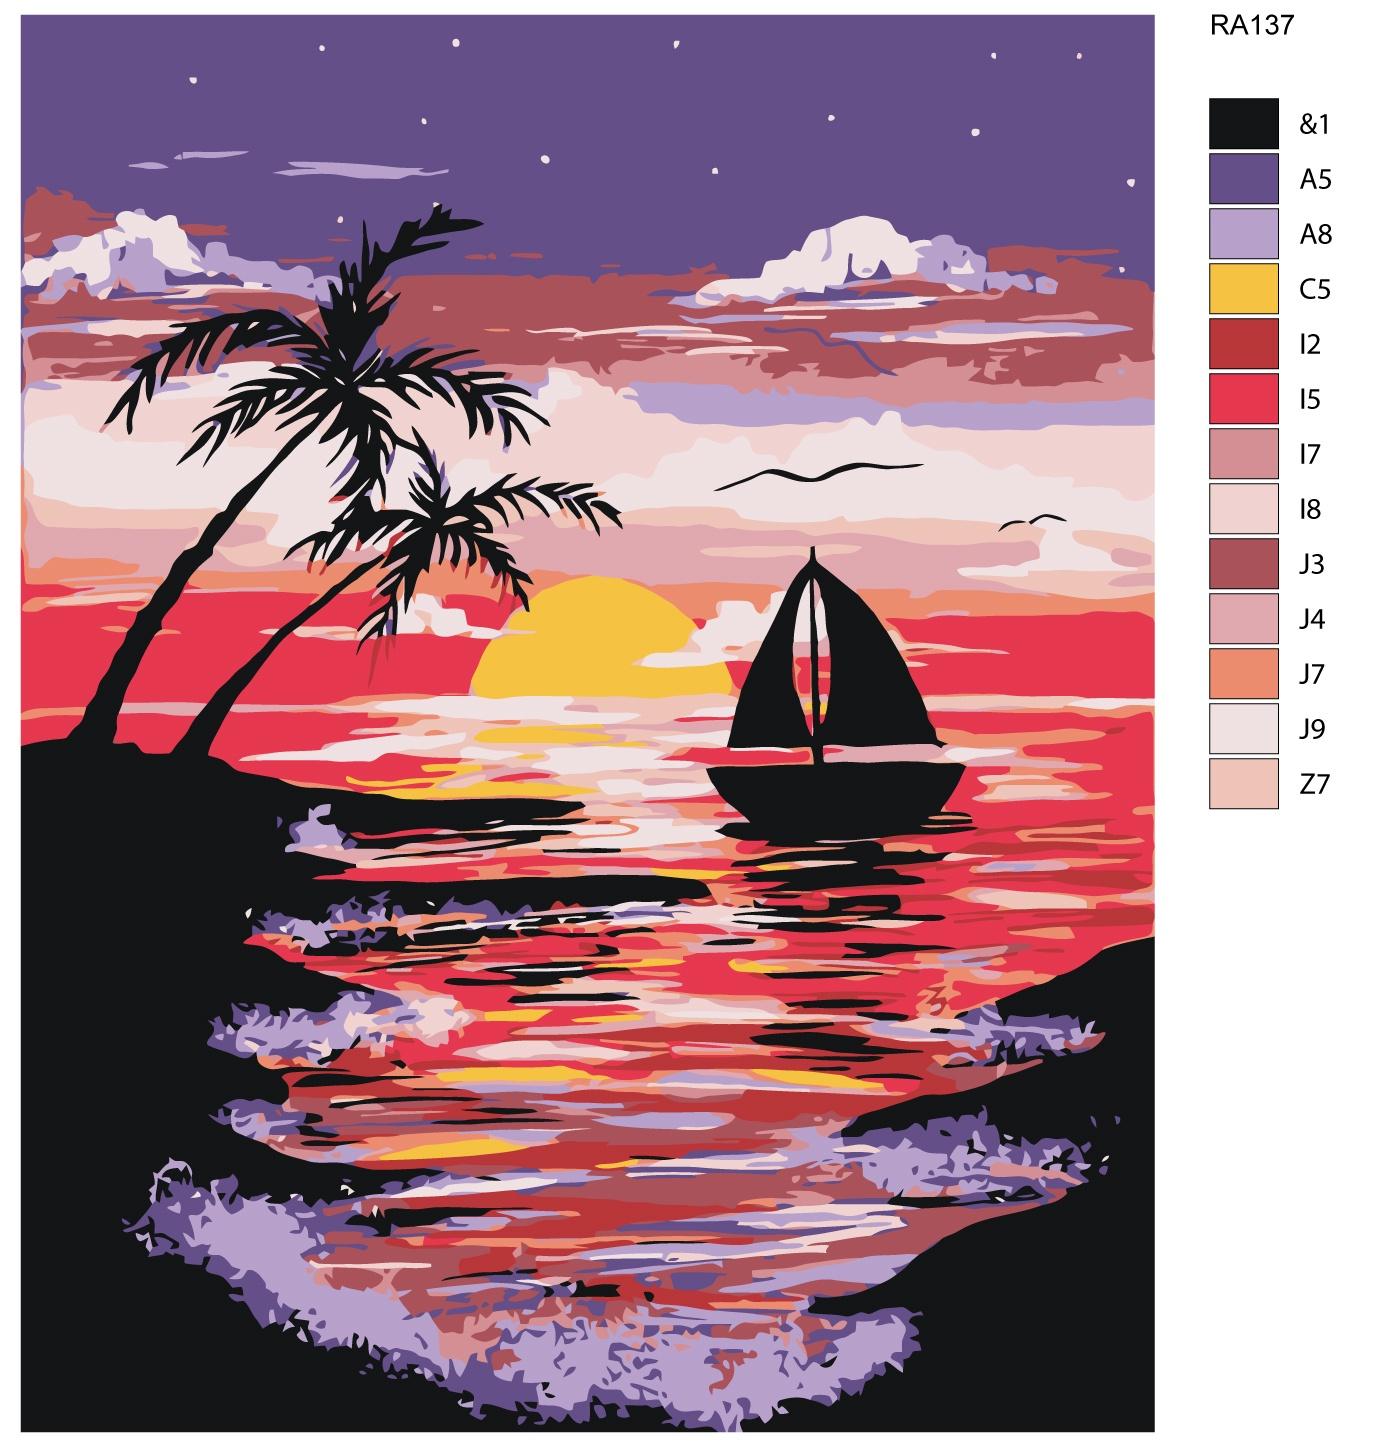 Картина по номерам, 80 x 100 см, RA137